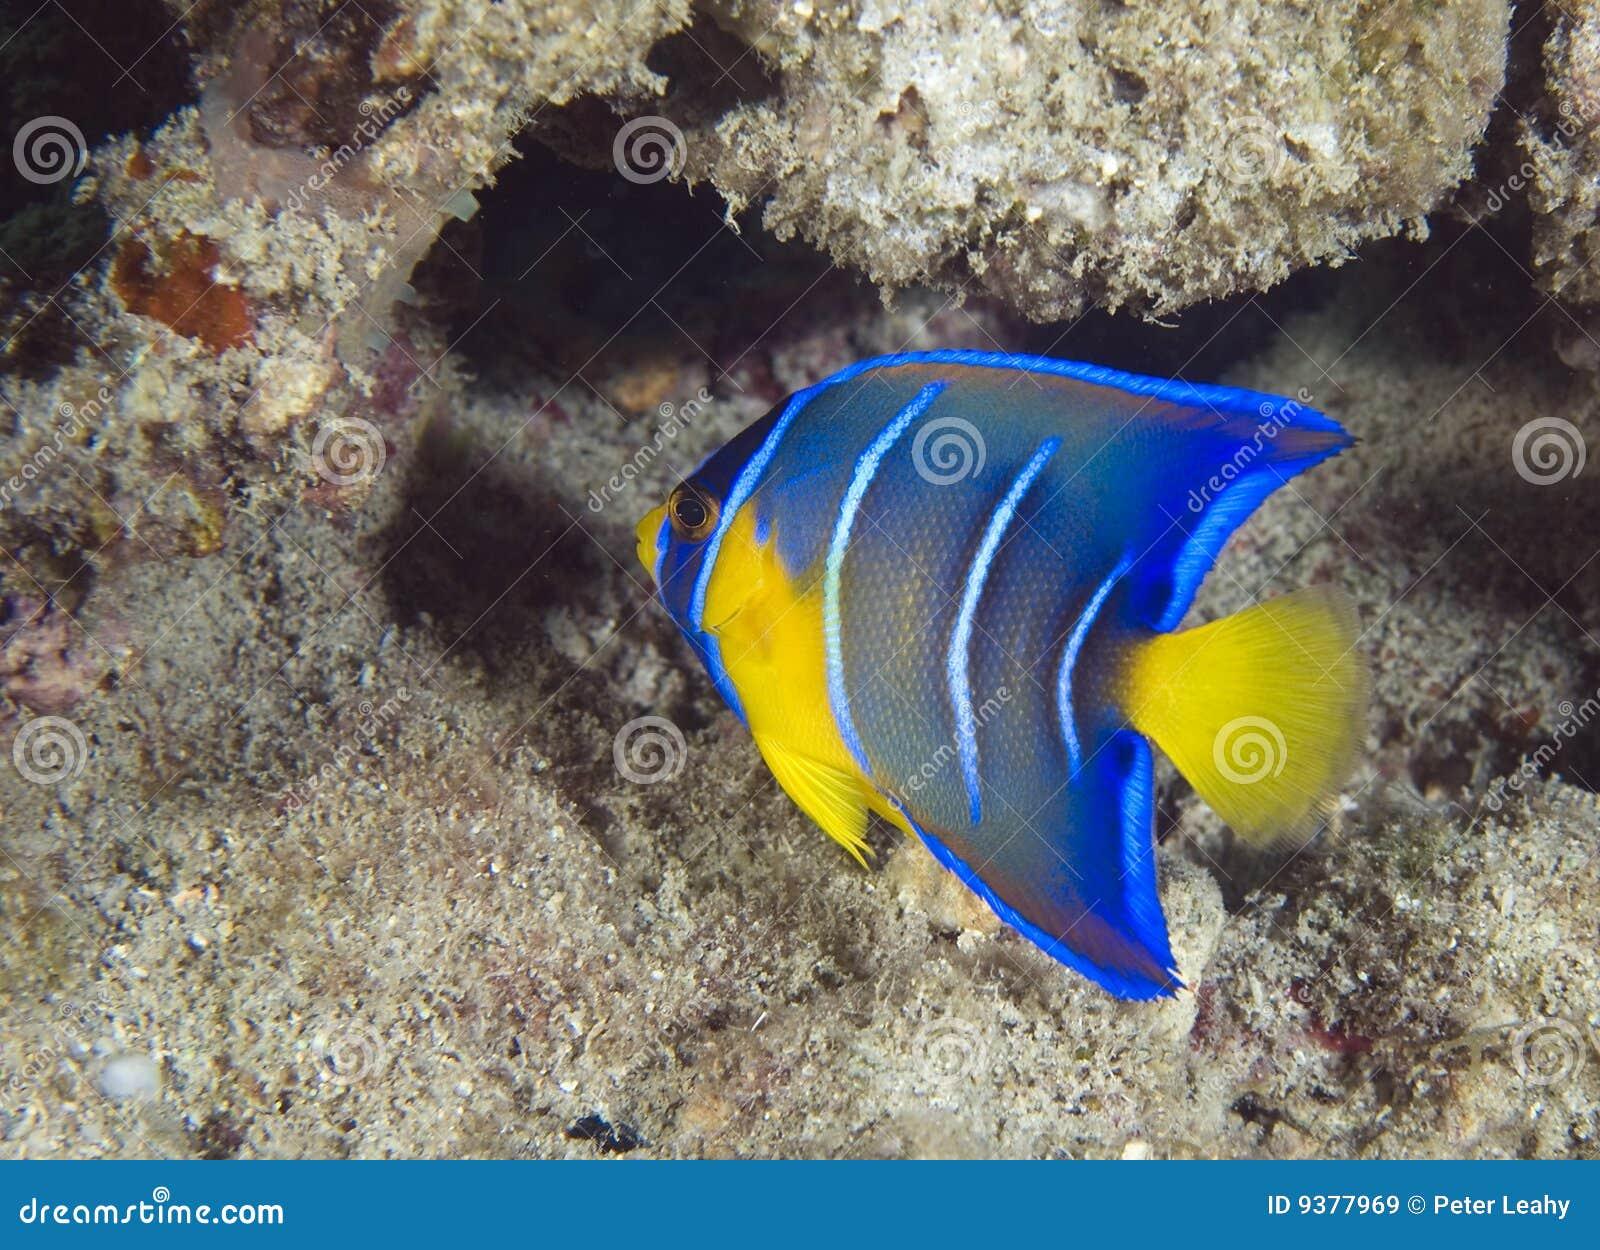 Jeugd Blauwe Zeeëngel